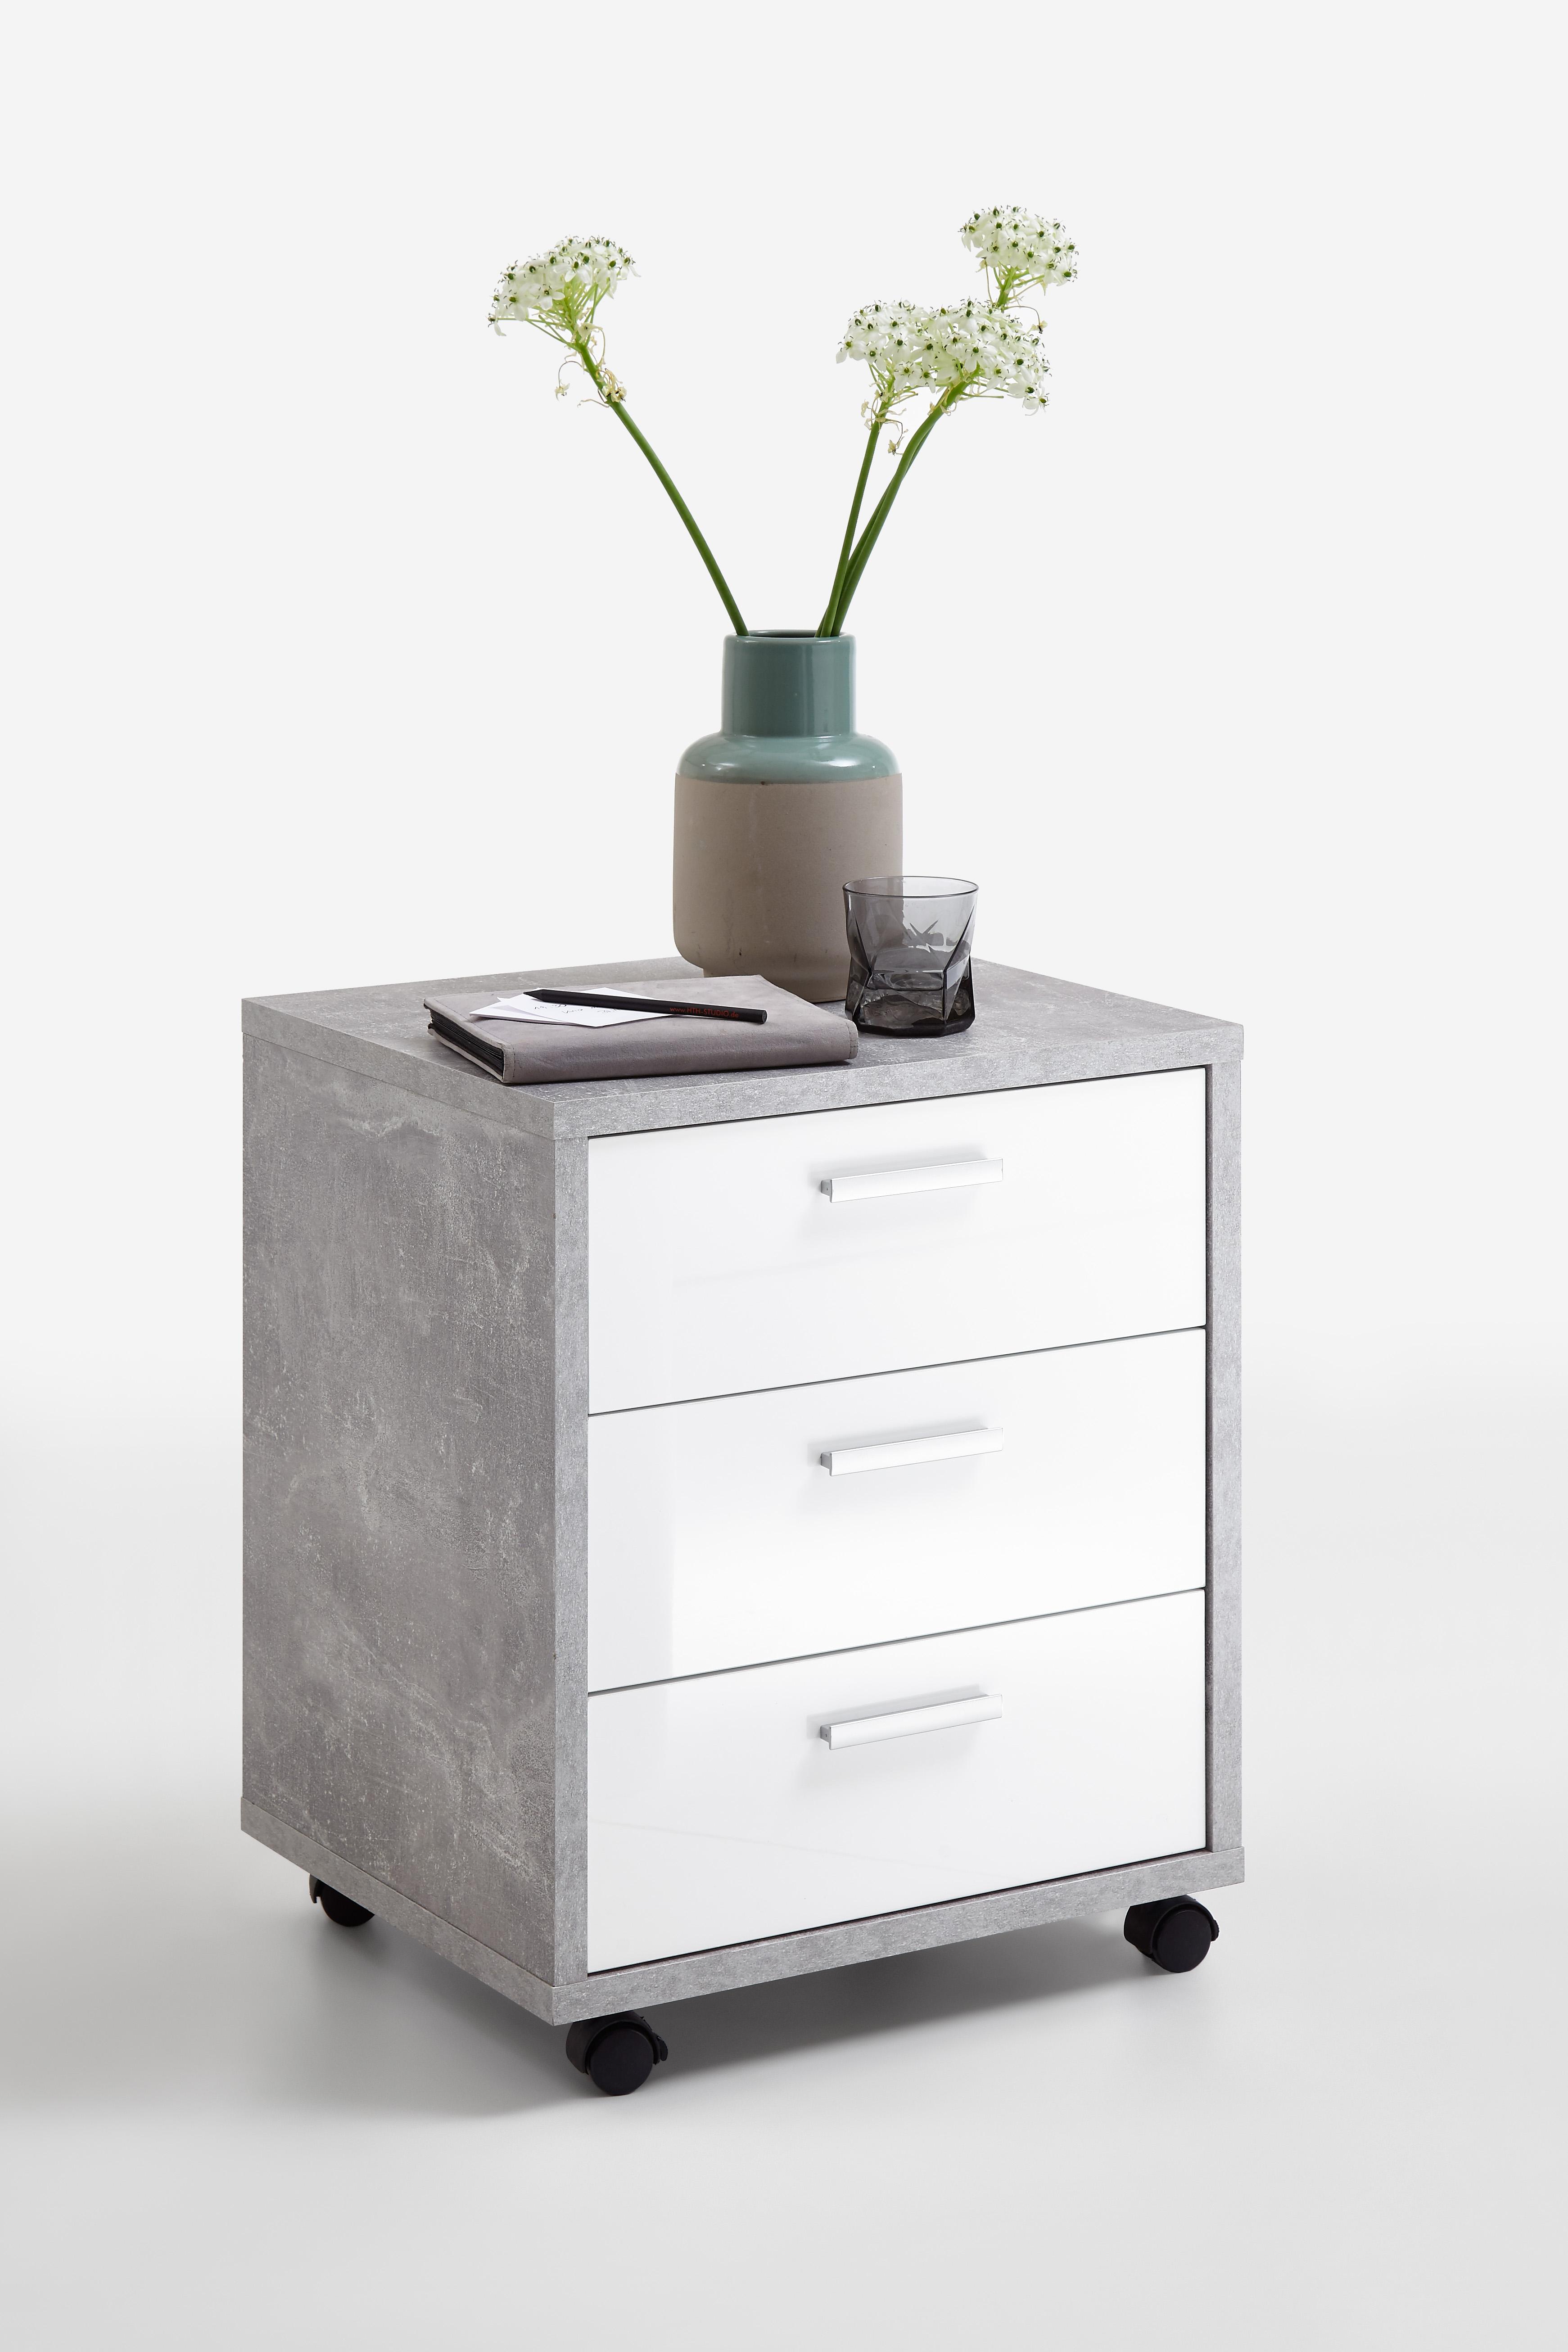 fmd rollcontainer brick 2 hochglanz b roschrank rollwagen schubladen 2 farben ebay. Black Bedroom Furniture Sets. Home Design Ideas